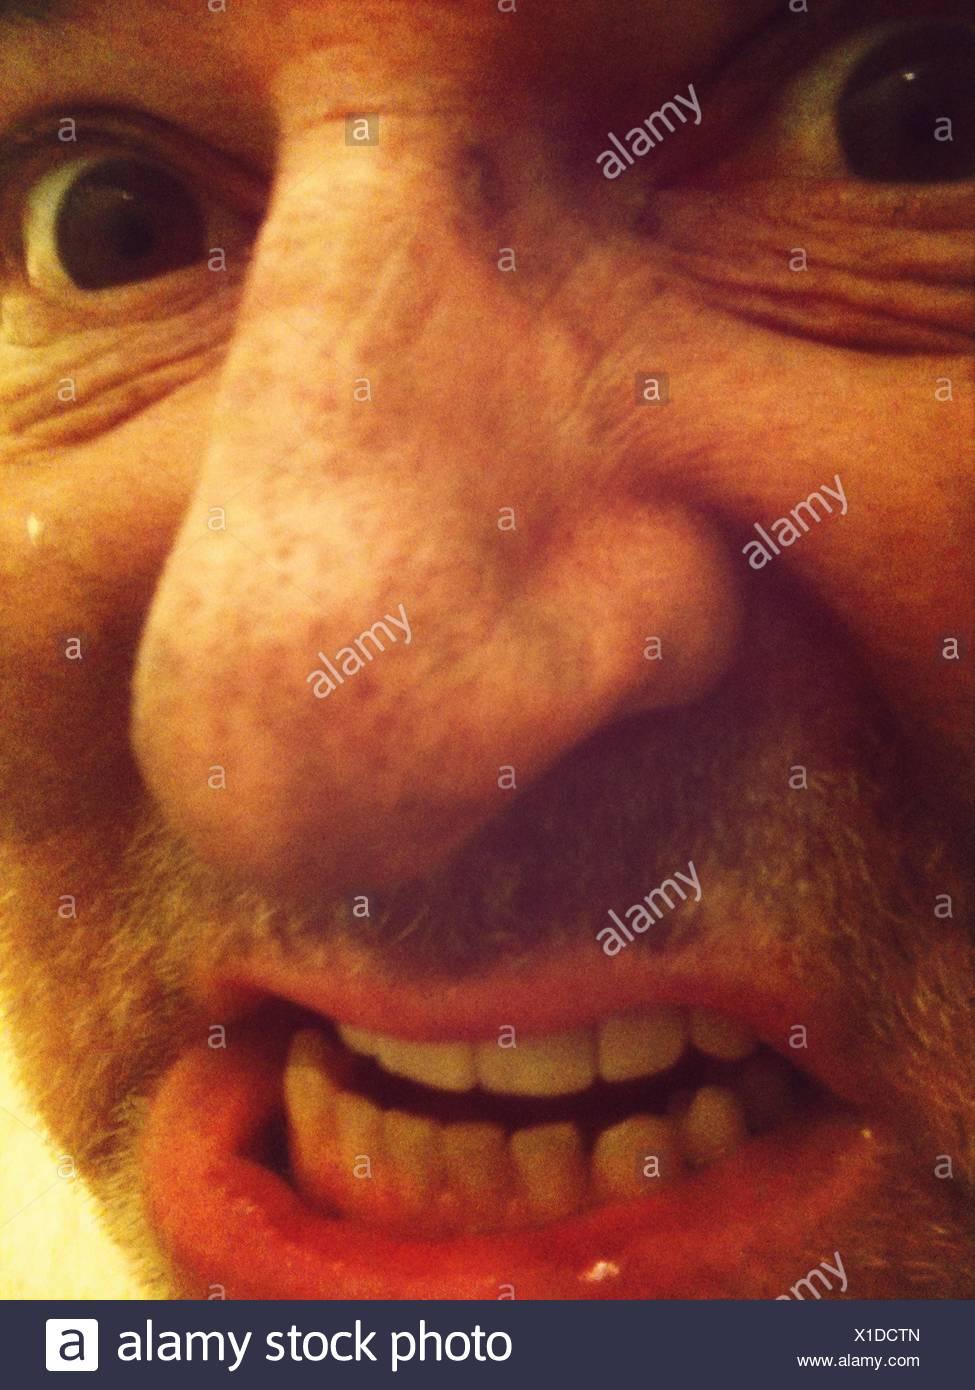 Close-Up Of Furious Man - Stock Image